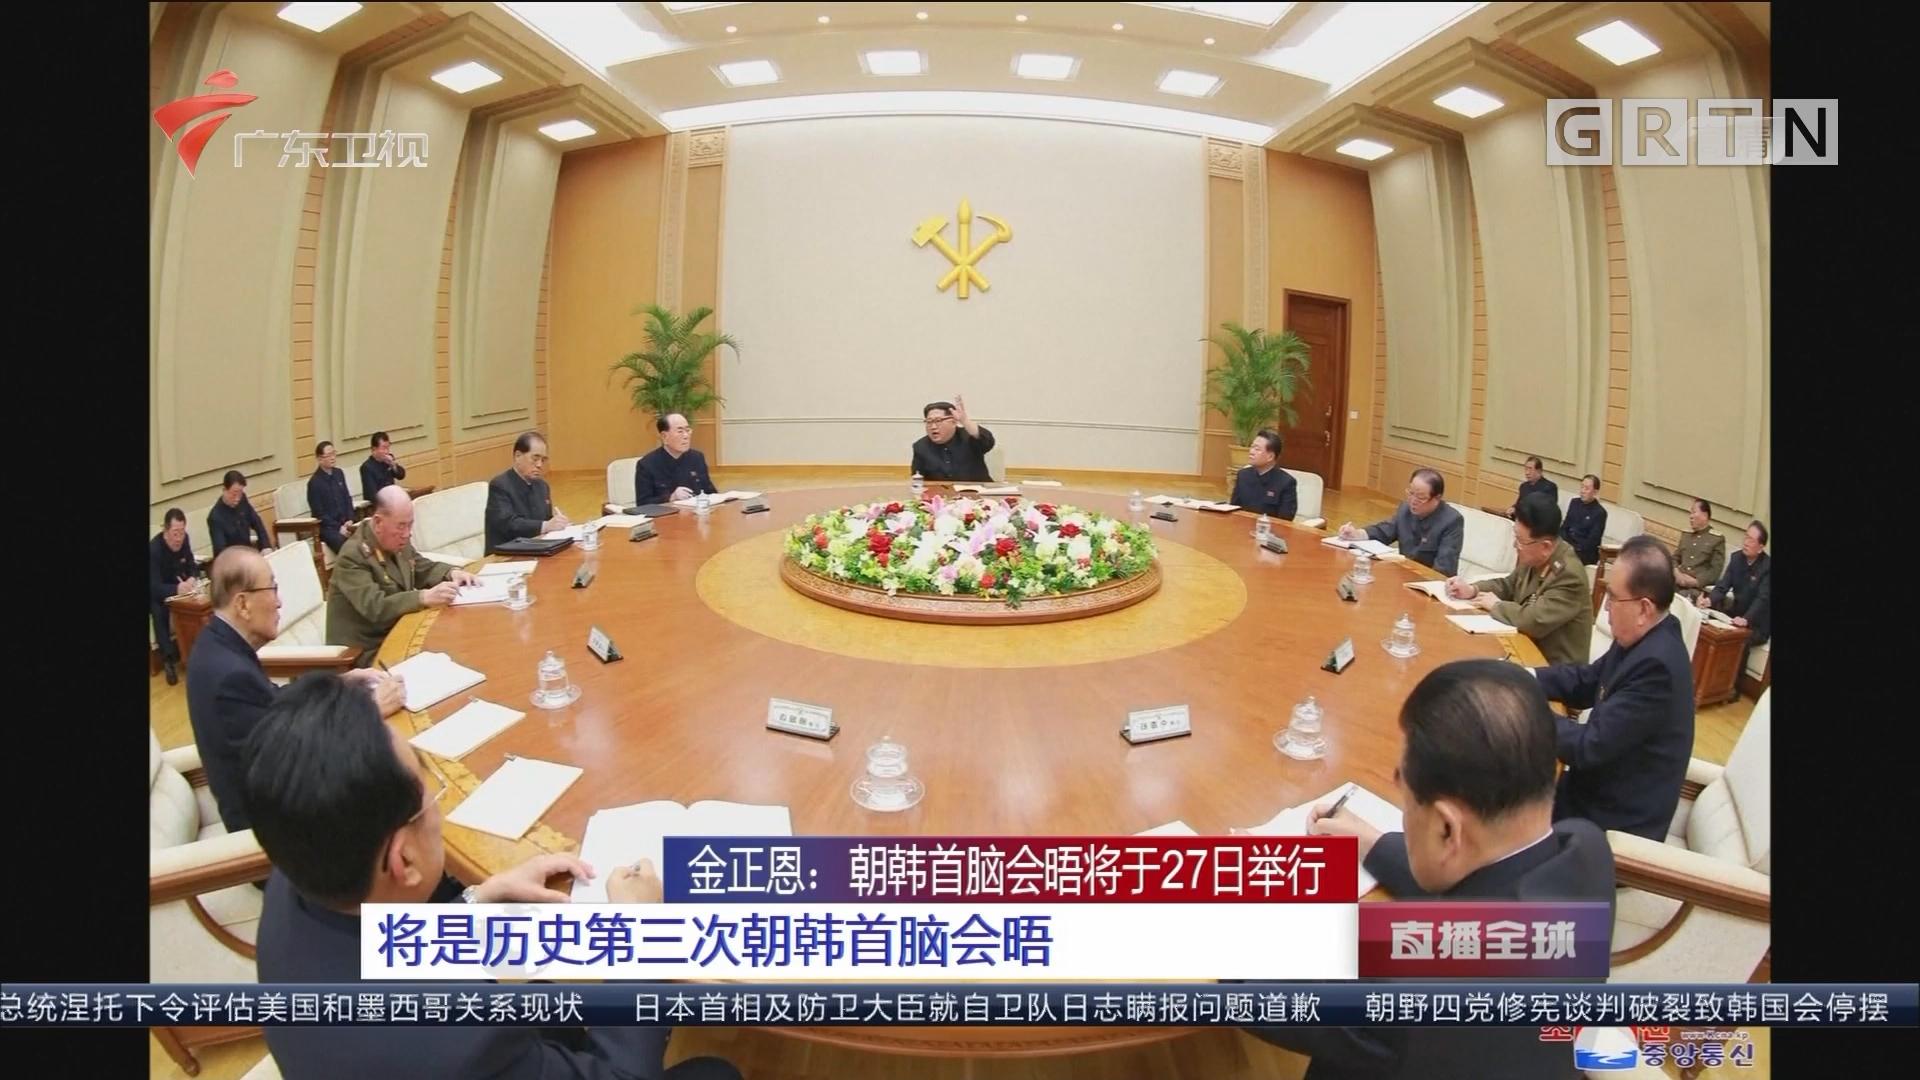 金正恩:朝韩首脑会晤将于27日举行 将是历史第三次朝韩首脑会晤